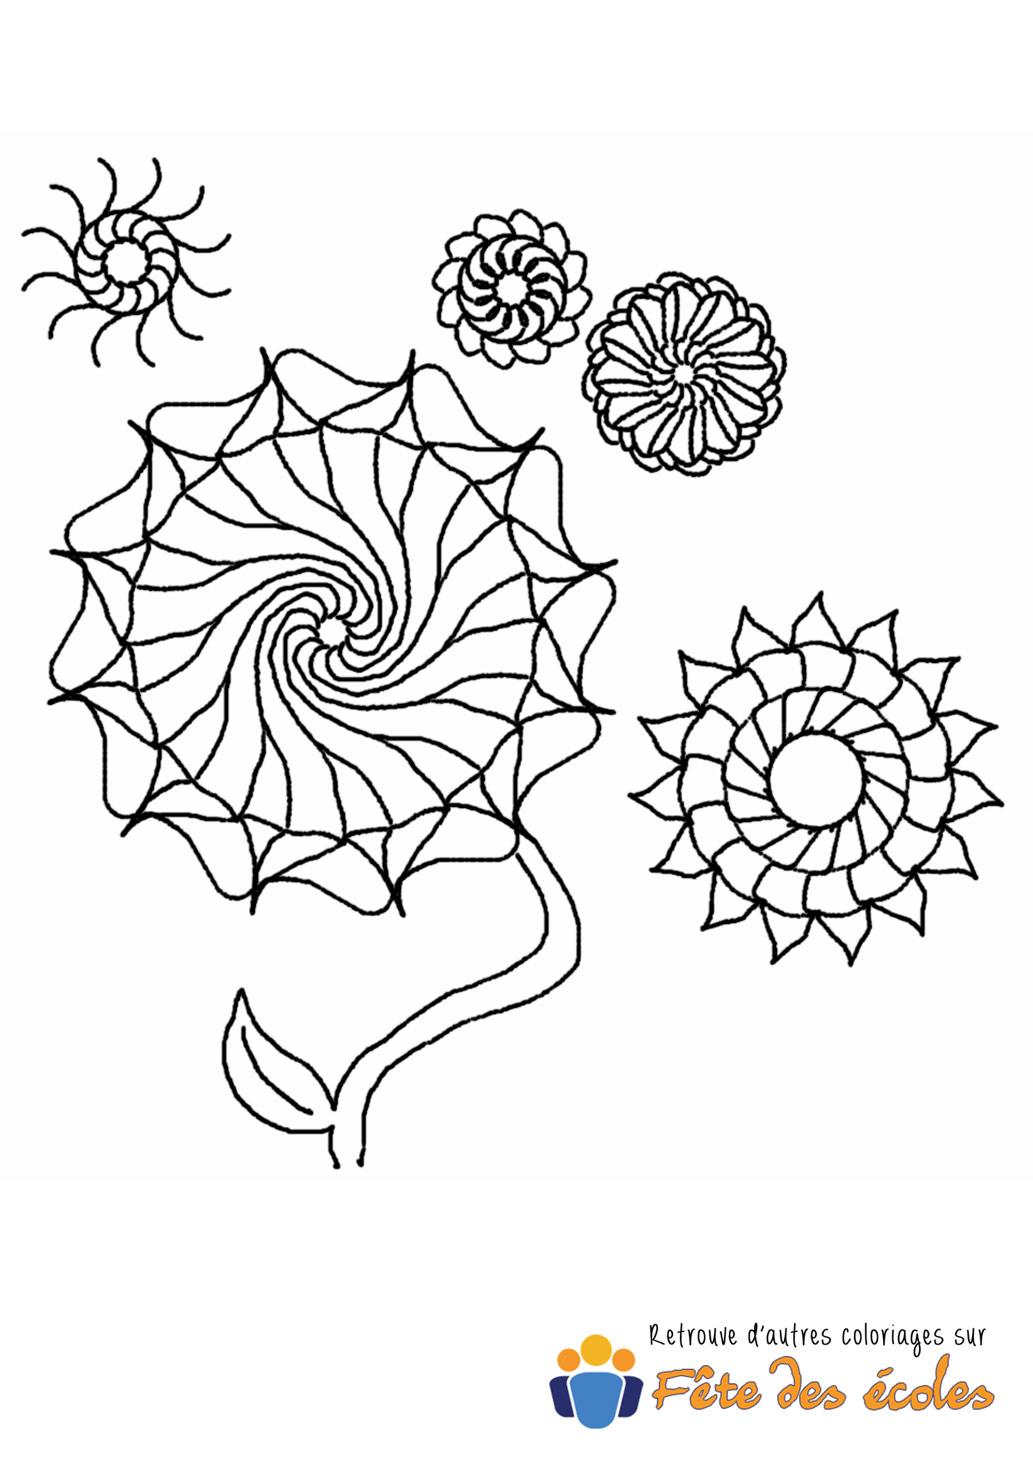 Coloriages mandalas fleurs www - Coloriages mandalas fleurs ...